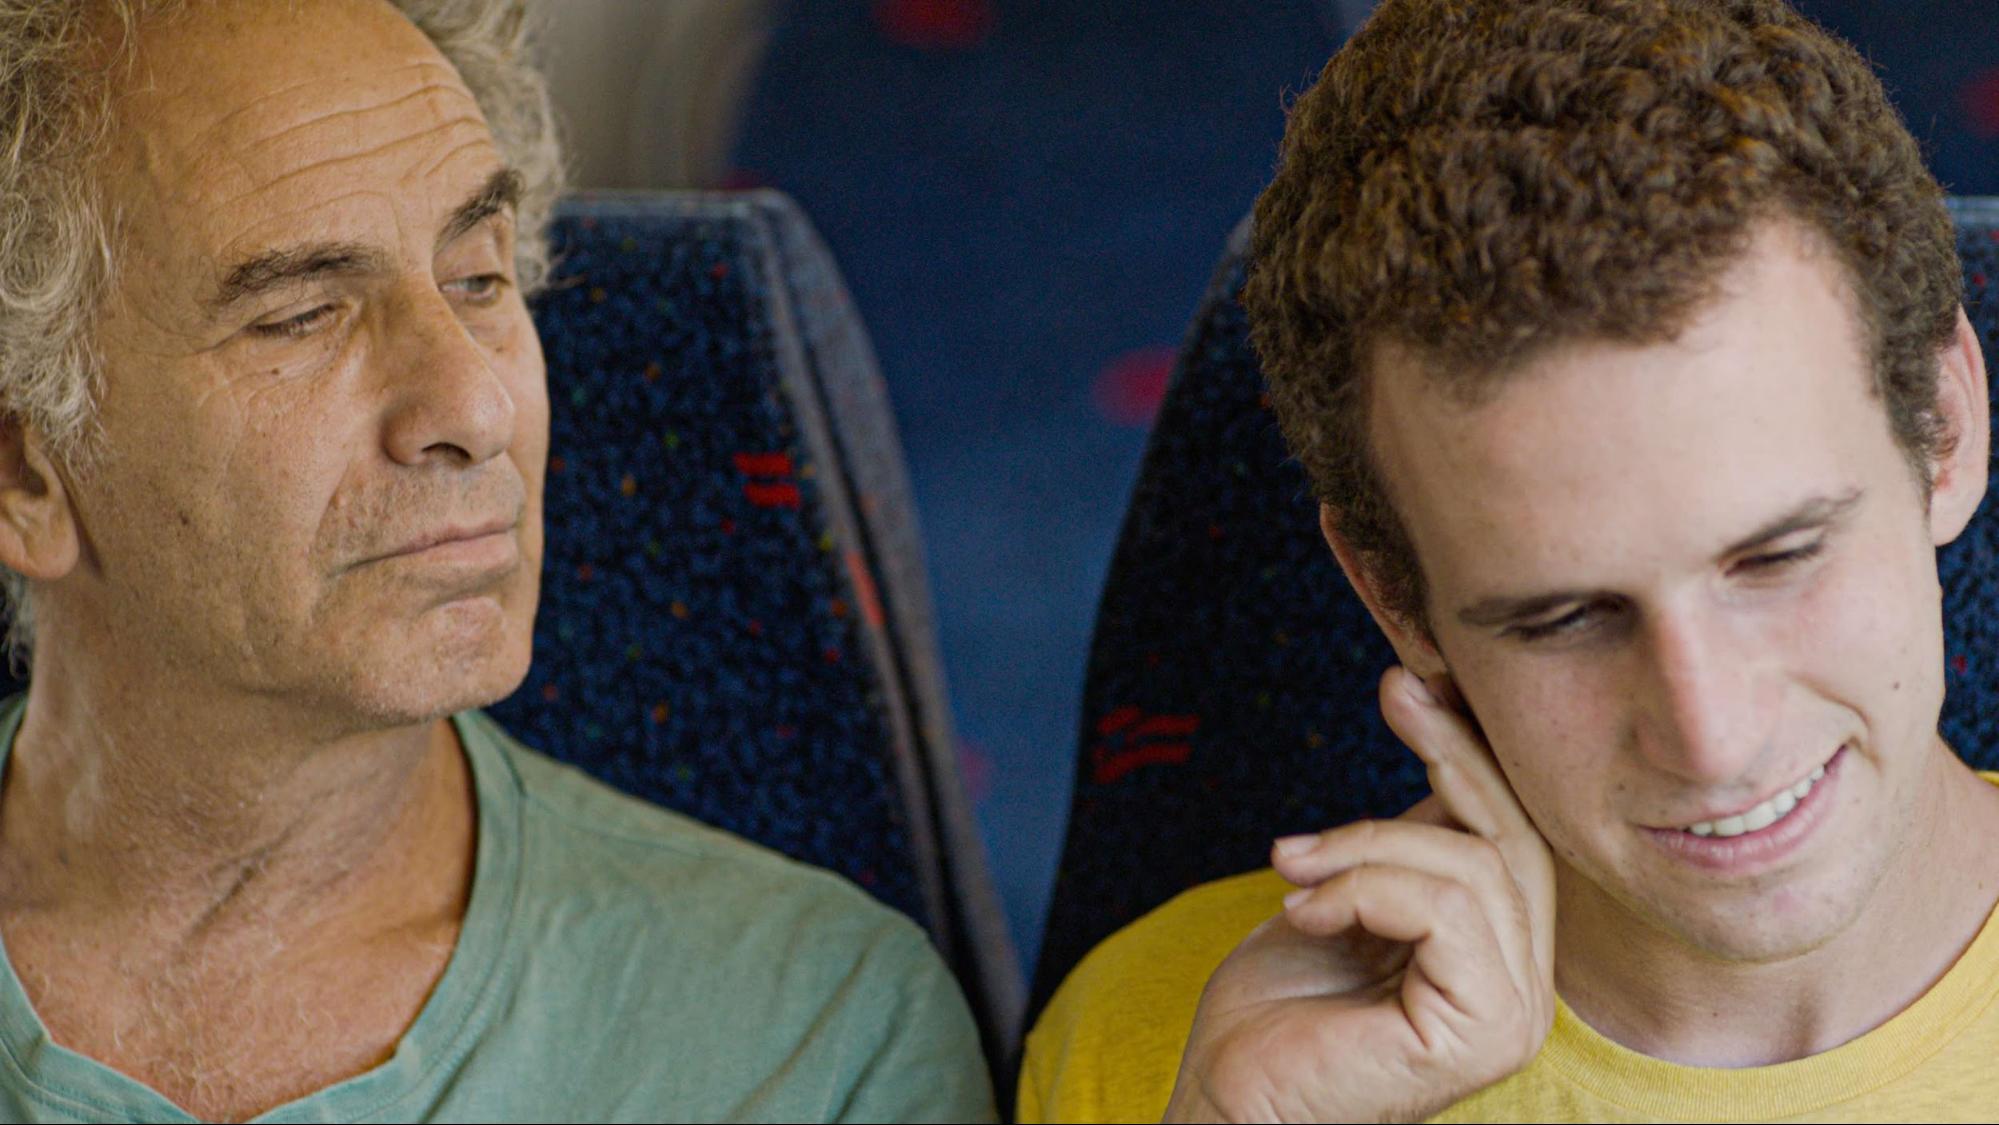 『旅立つ息子へ』──共依存の先にある親子の絆|加藤るみ